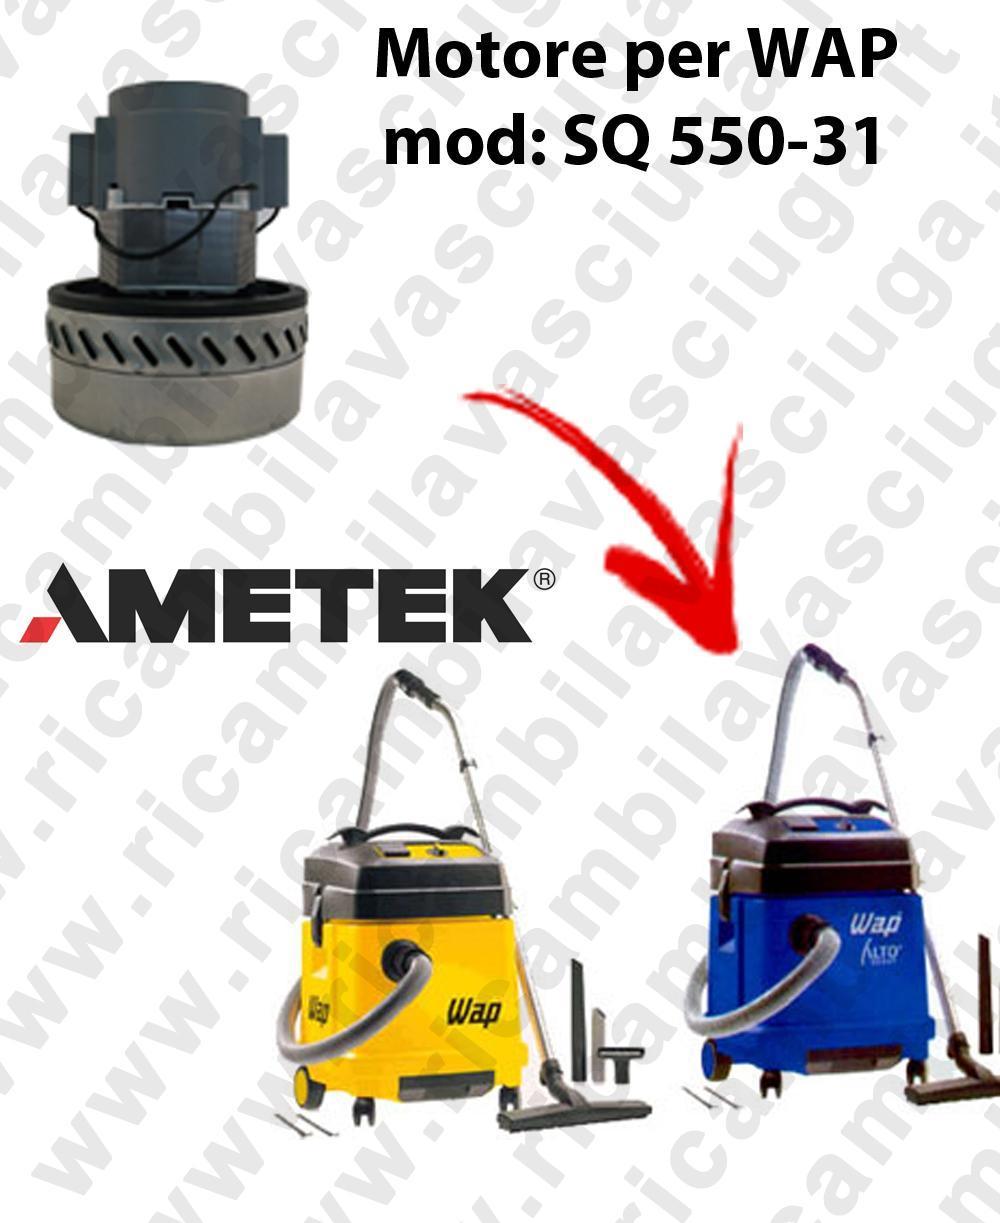 SQ 550 - 31 Saugmotor AMETEK für Staubsauger WAP